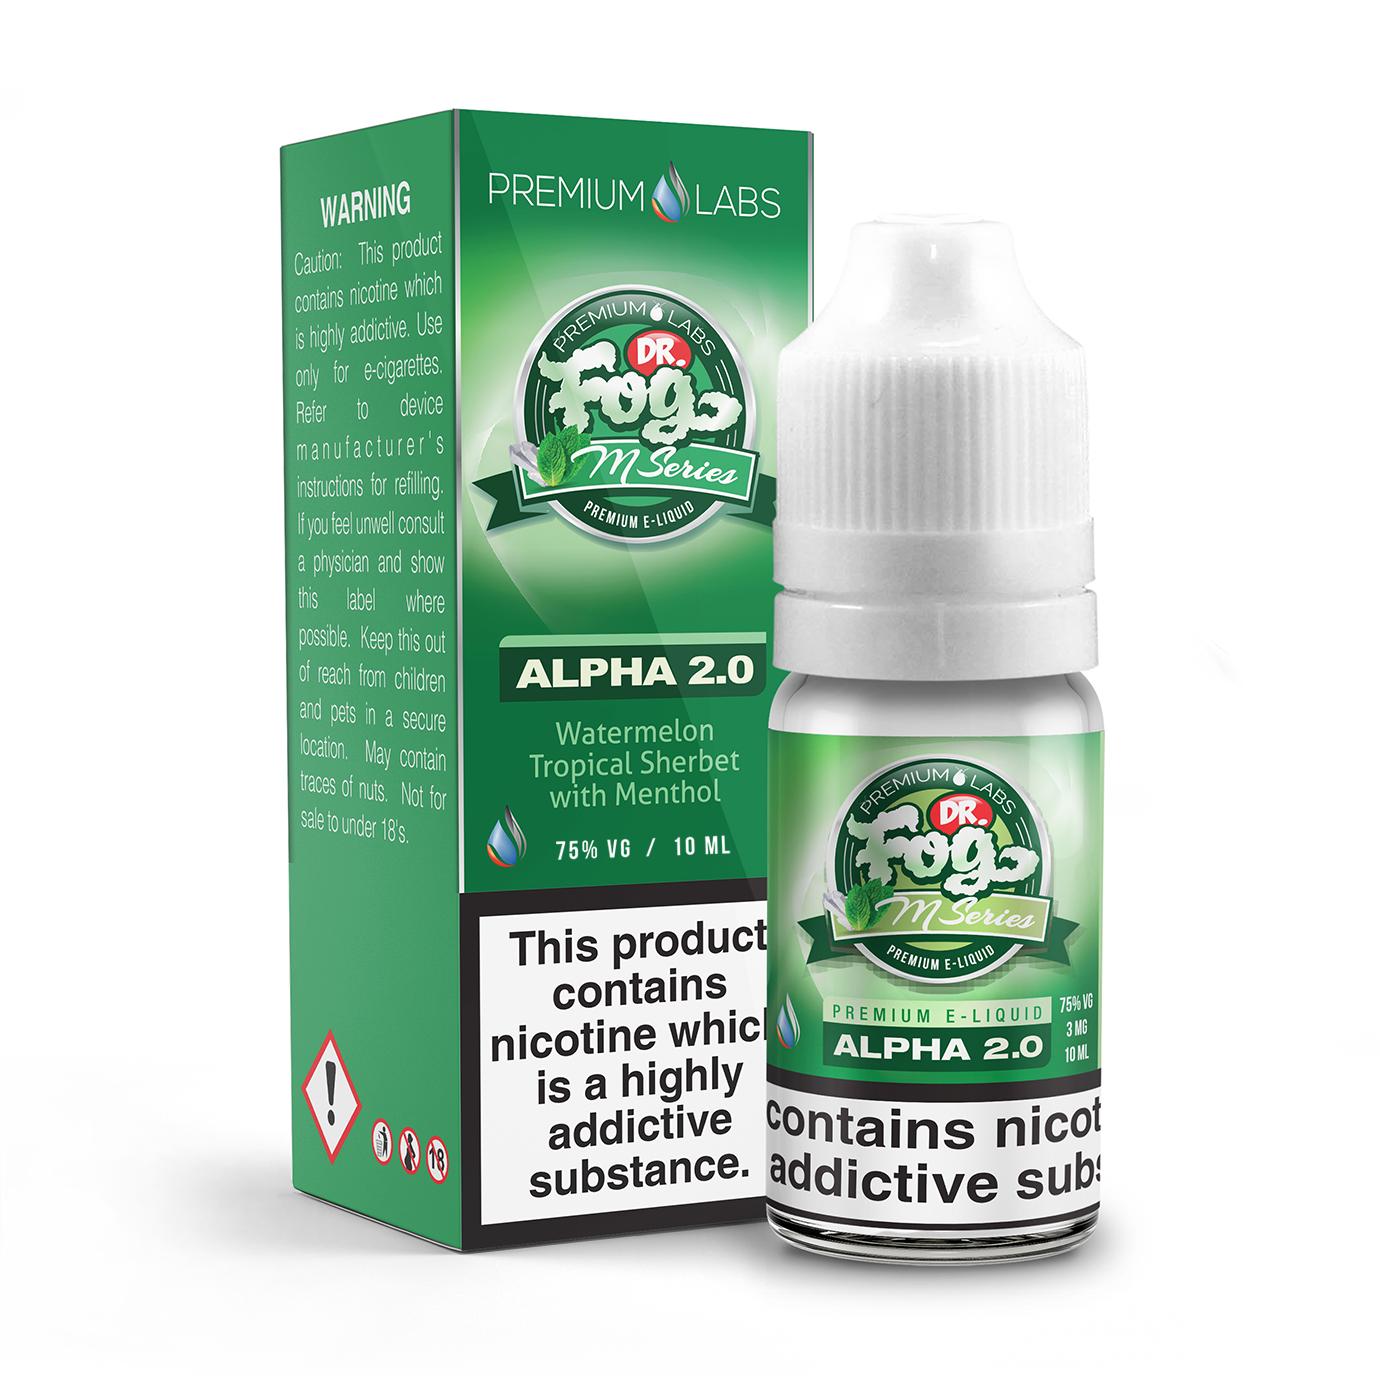 Dr Fog's M Series - Alpha 2.0 E-Liquid